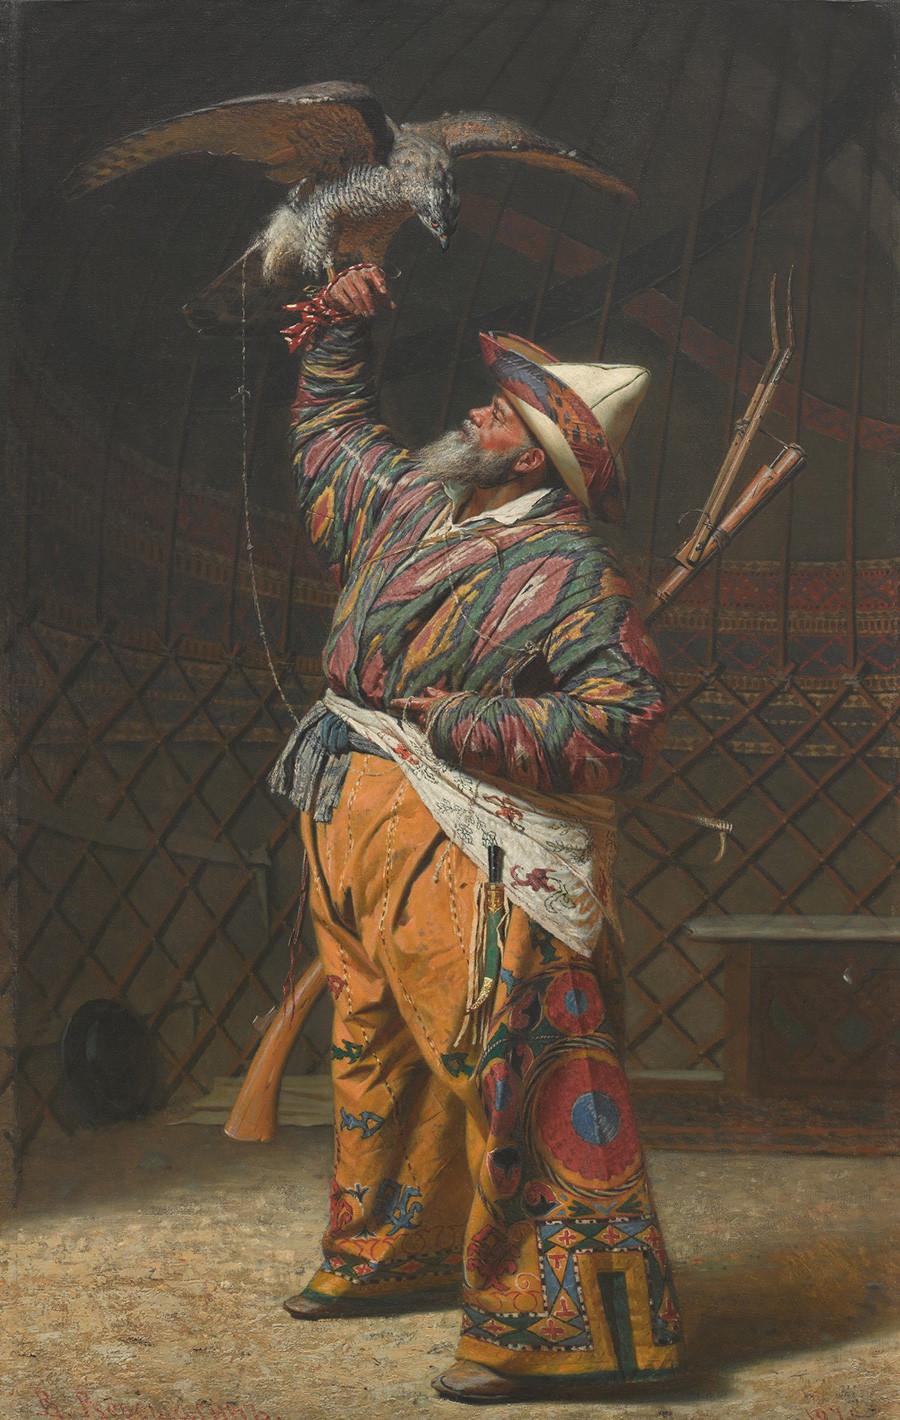 鷹を手にするキルギスの裕福な猟師、1871年